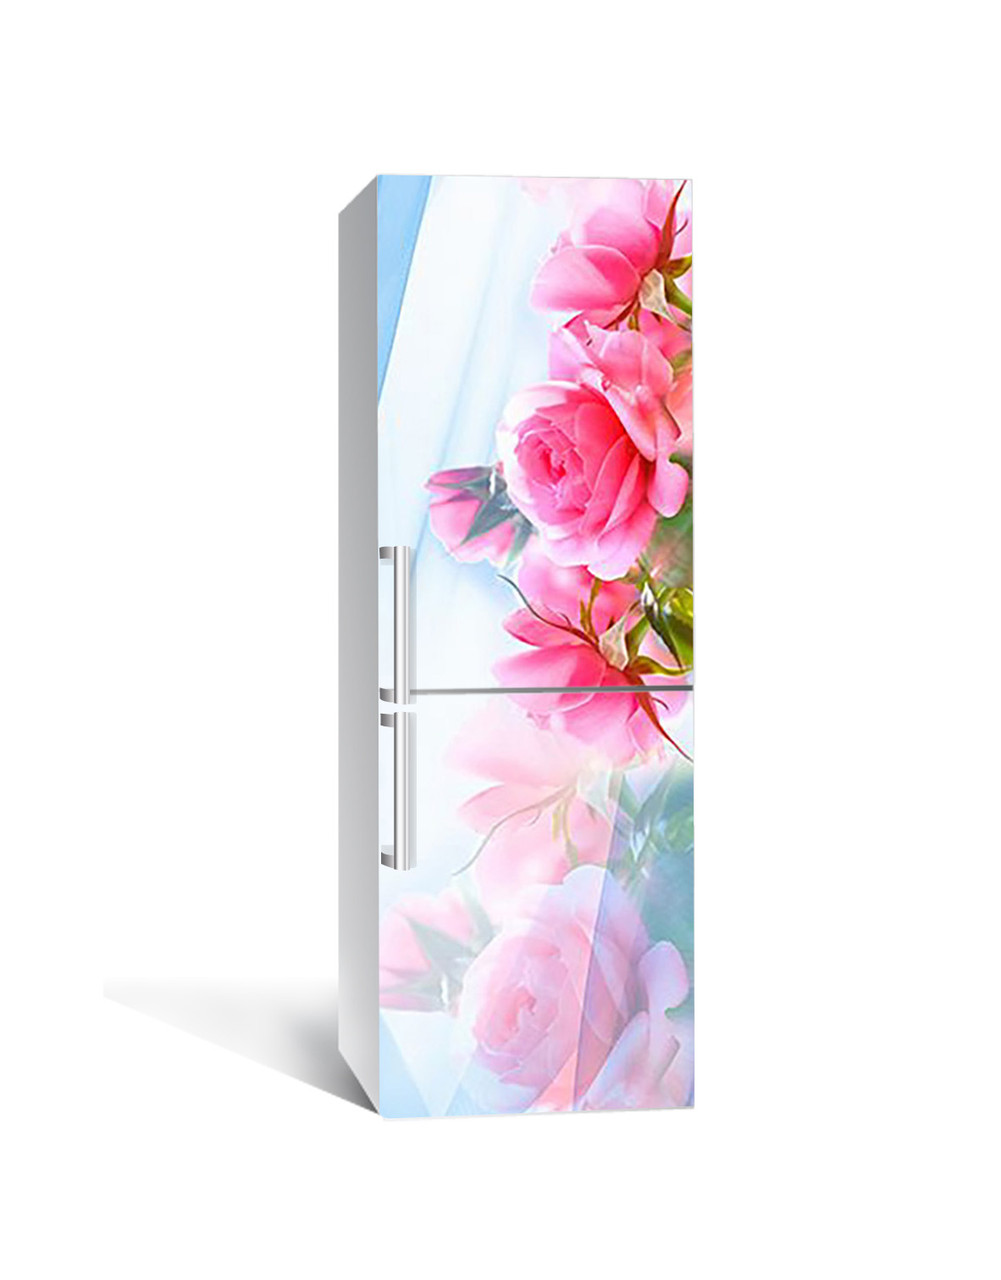 Виниловая 3Д наклейка на холодильник Розовые Розы Отражение (пленка ПВХ фотопечать) 65*200см цветы Голубой